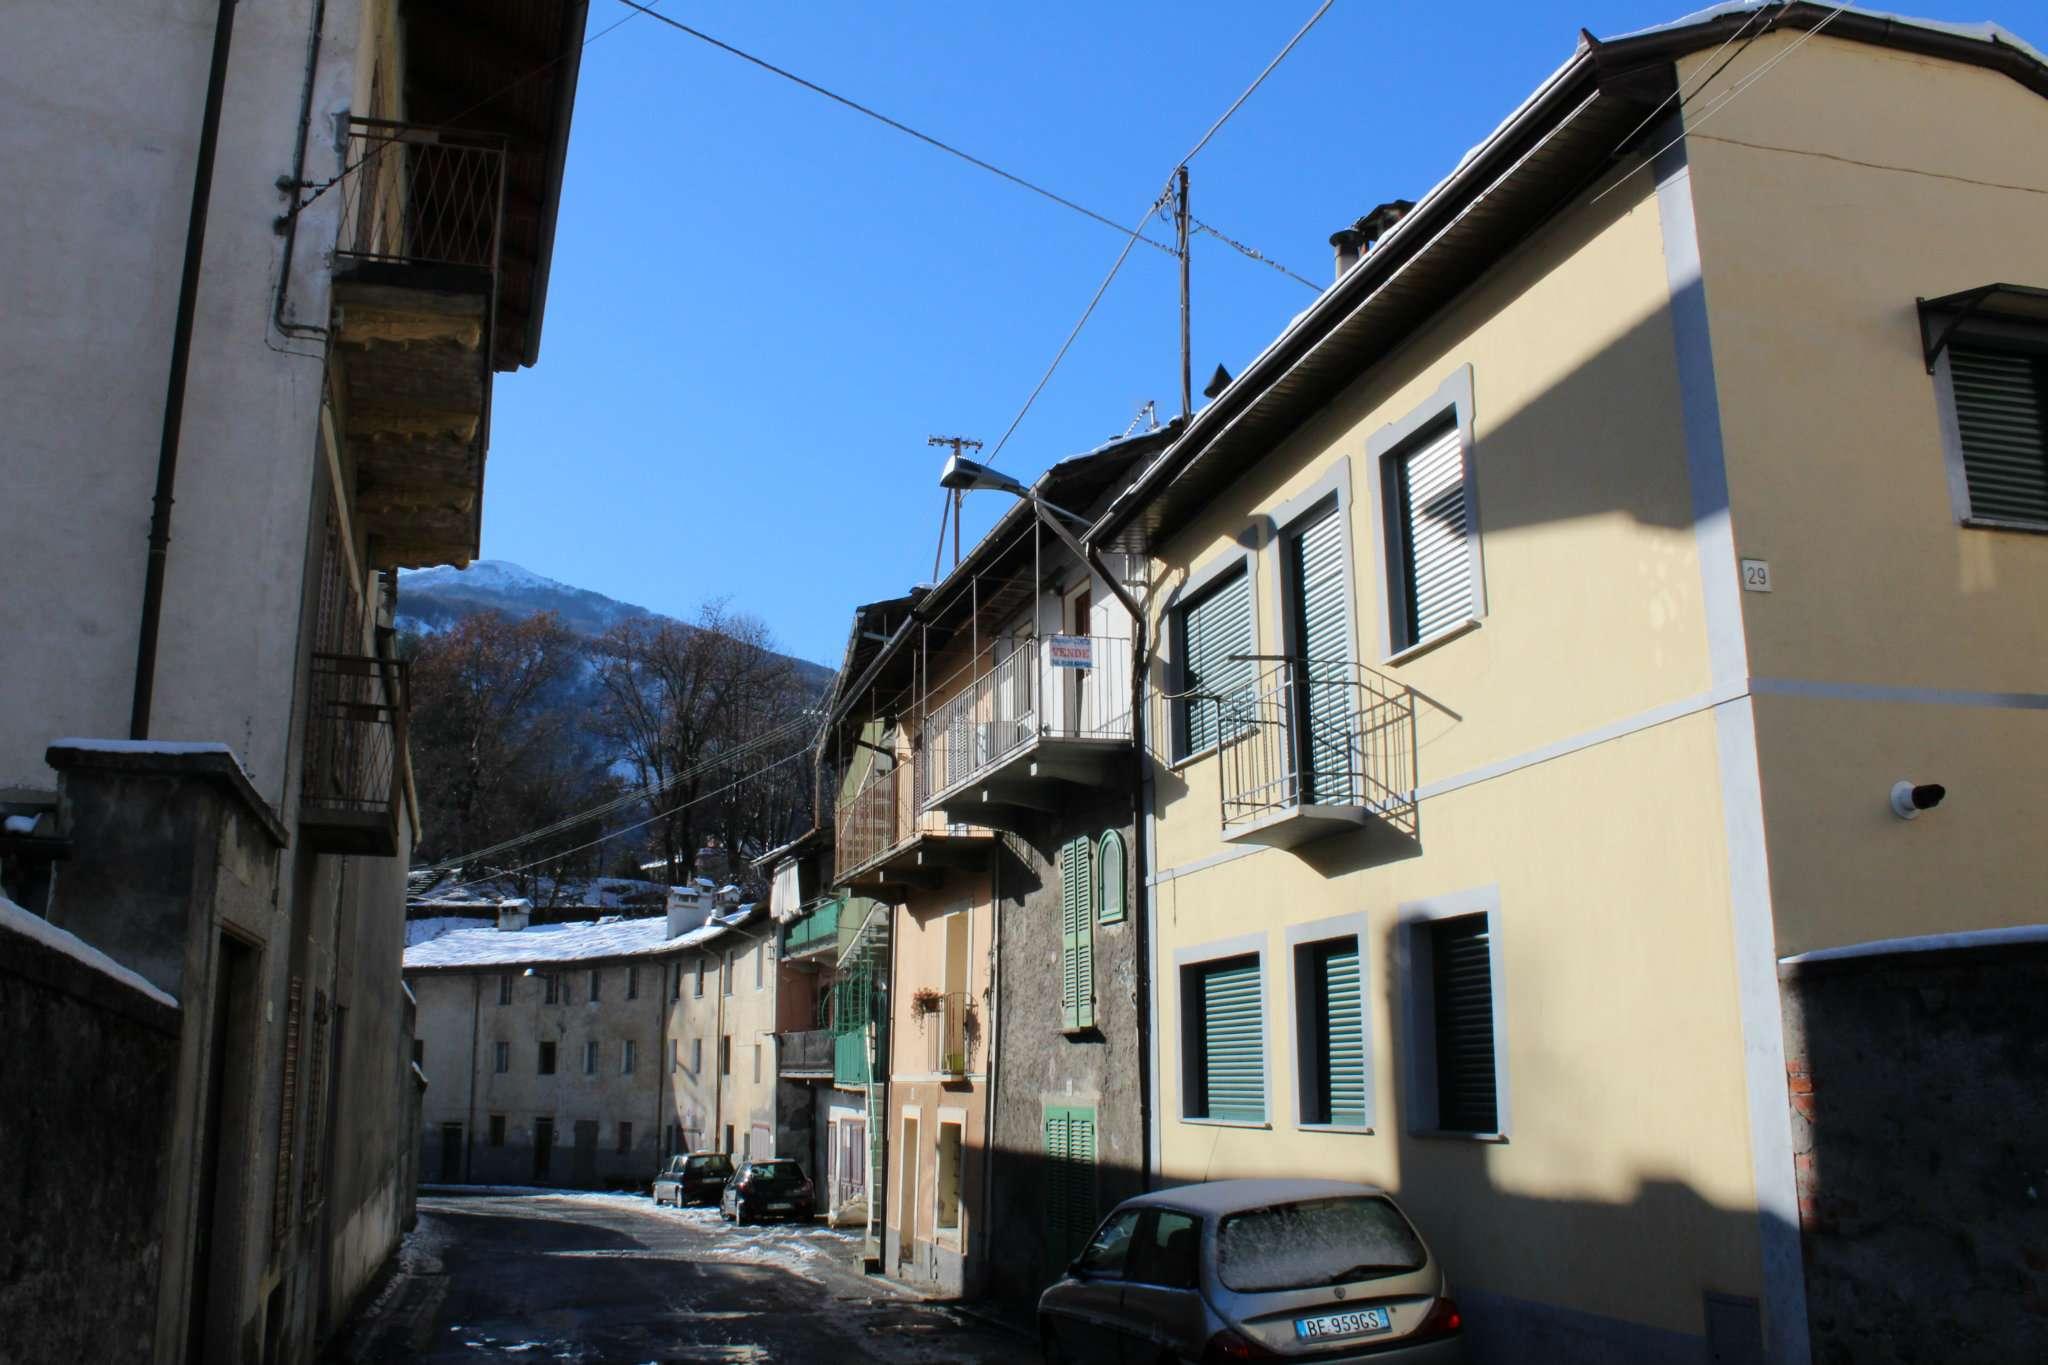 Appartamento in vendita a Pont-Canavese, 1 locali, prezzo € 20.000 | CambioCasa.it